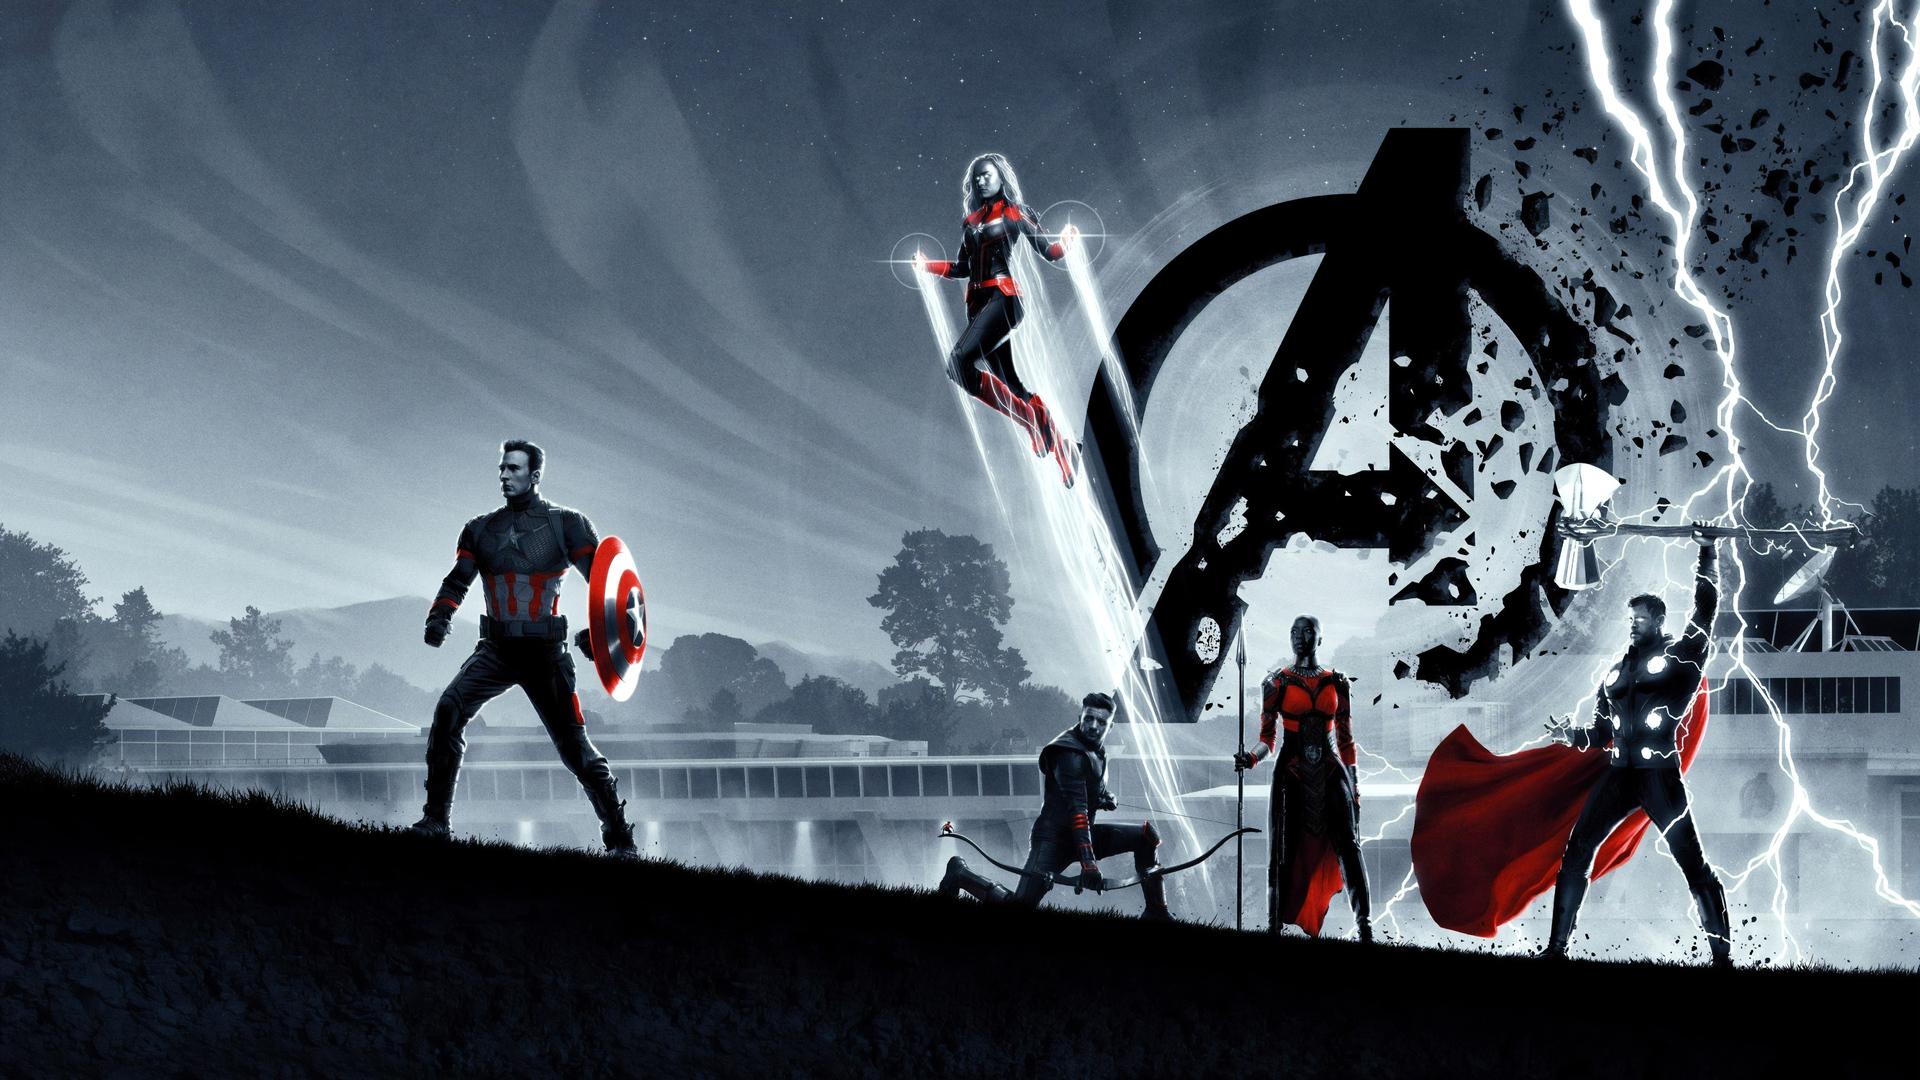 1920x1080 Avengers Endgame 8k 2019 Laptop Full HD 1080P HD ...